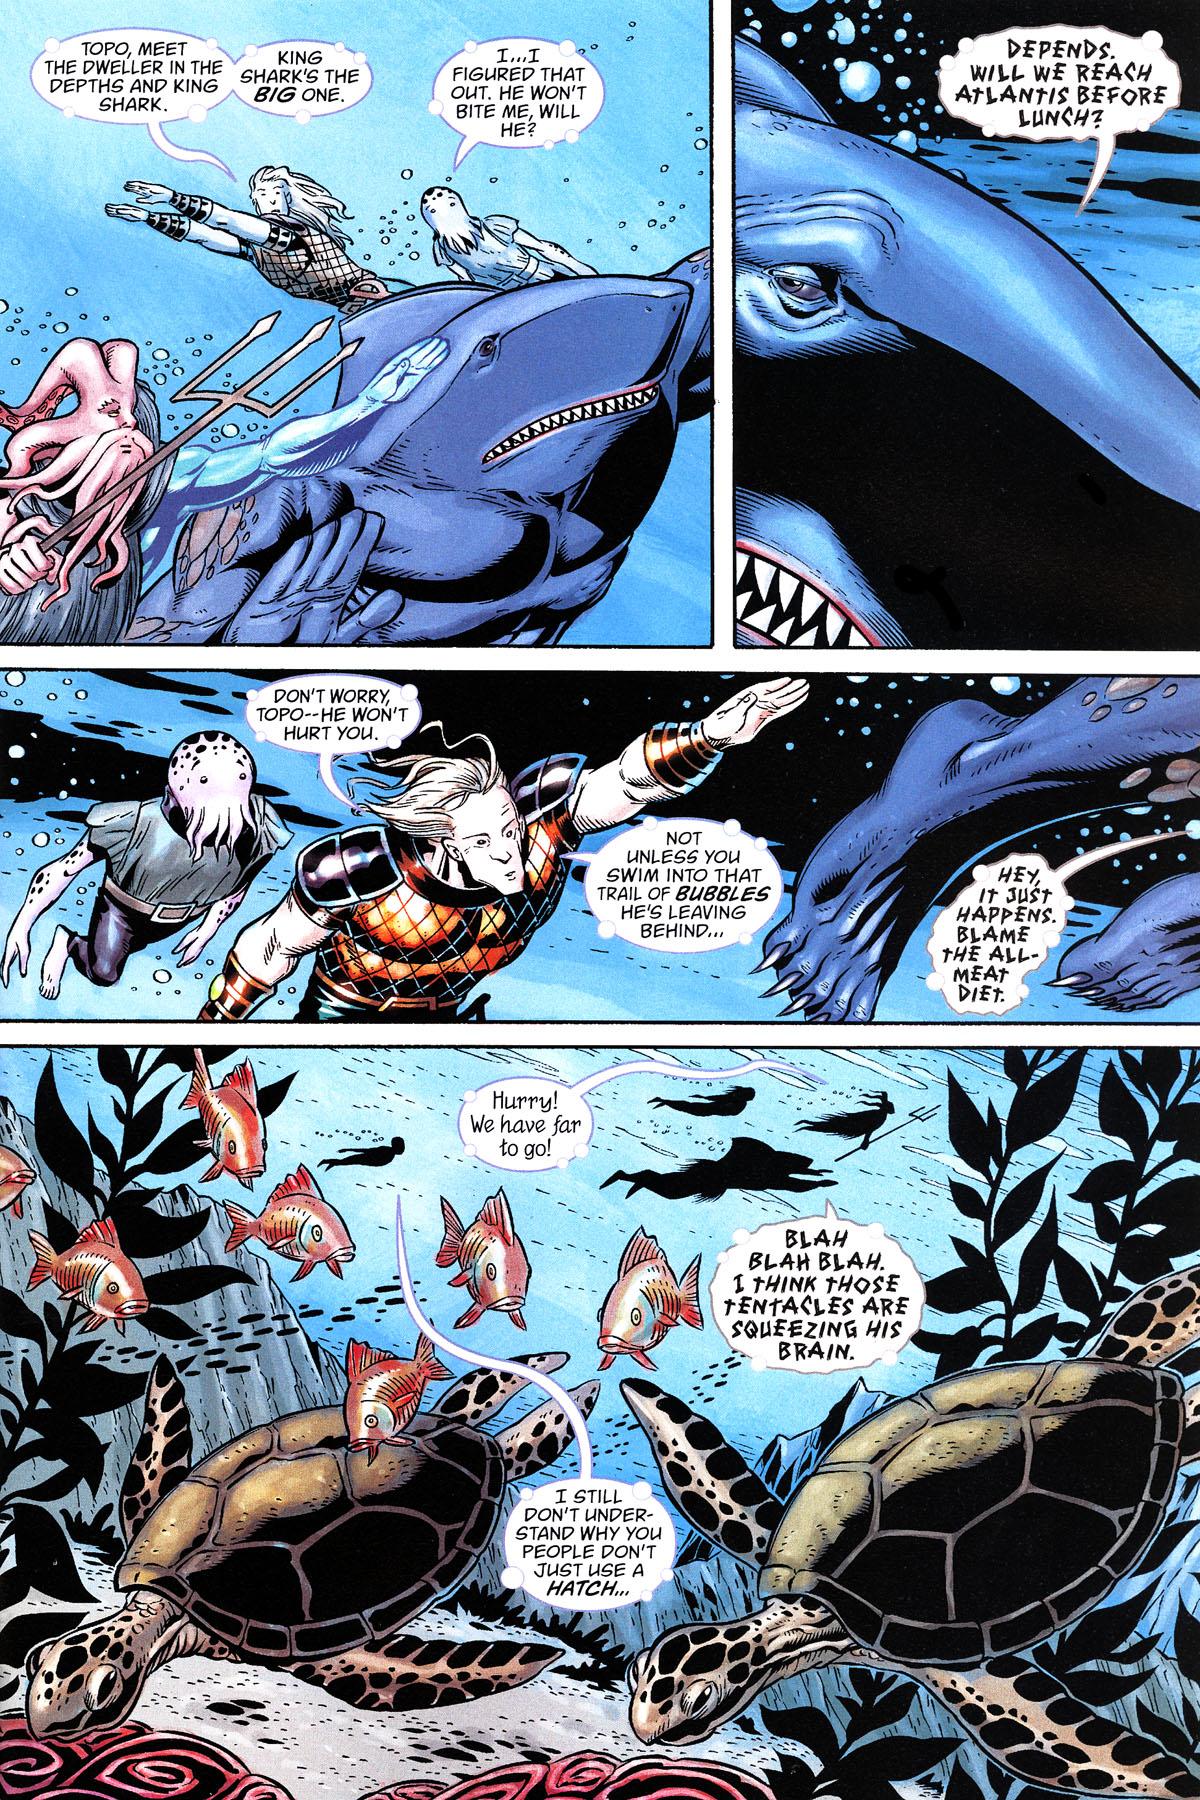 Read online Aquaman: Sword of Atlantis comic -  Issue #50 - 12